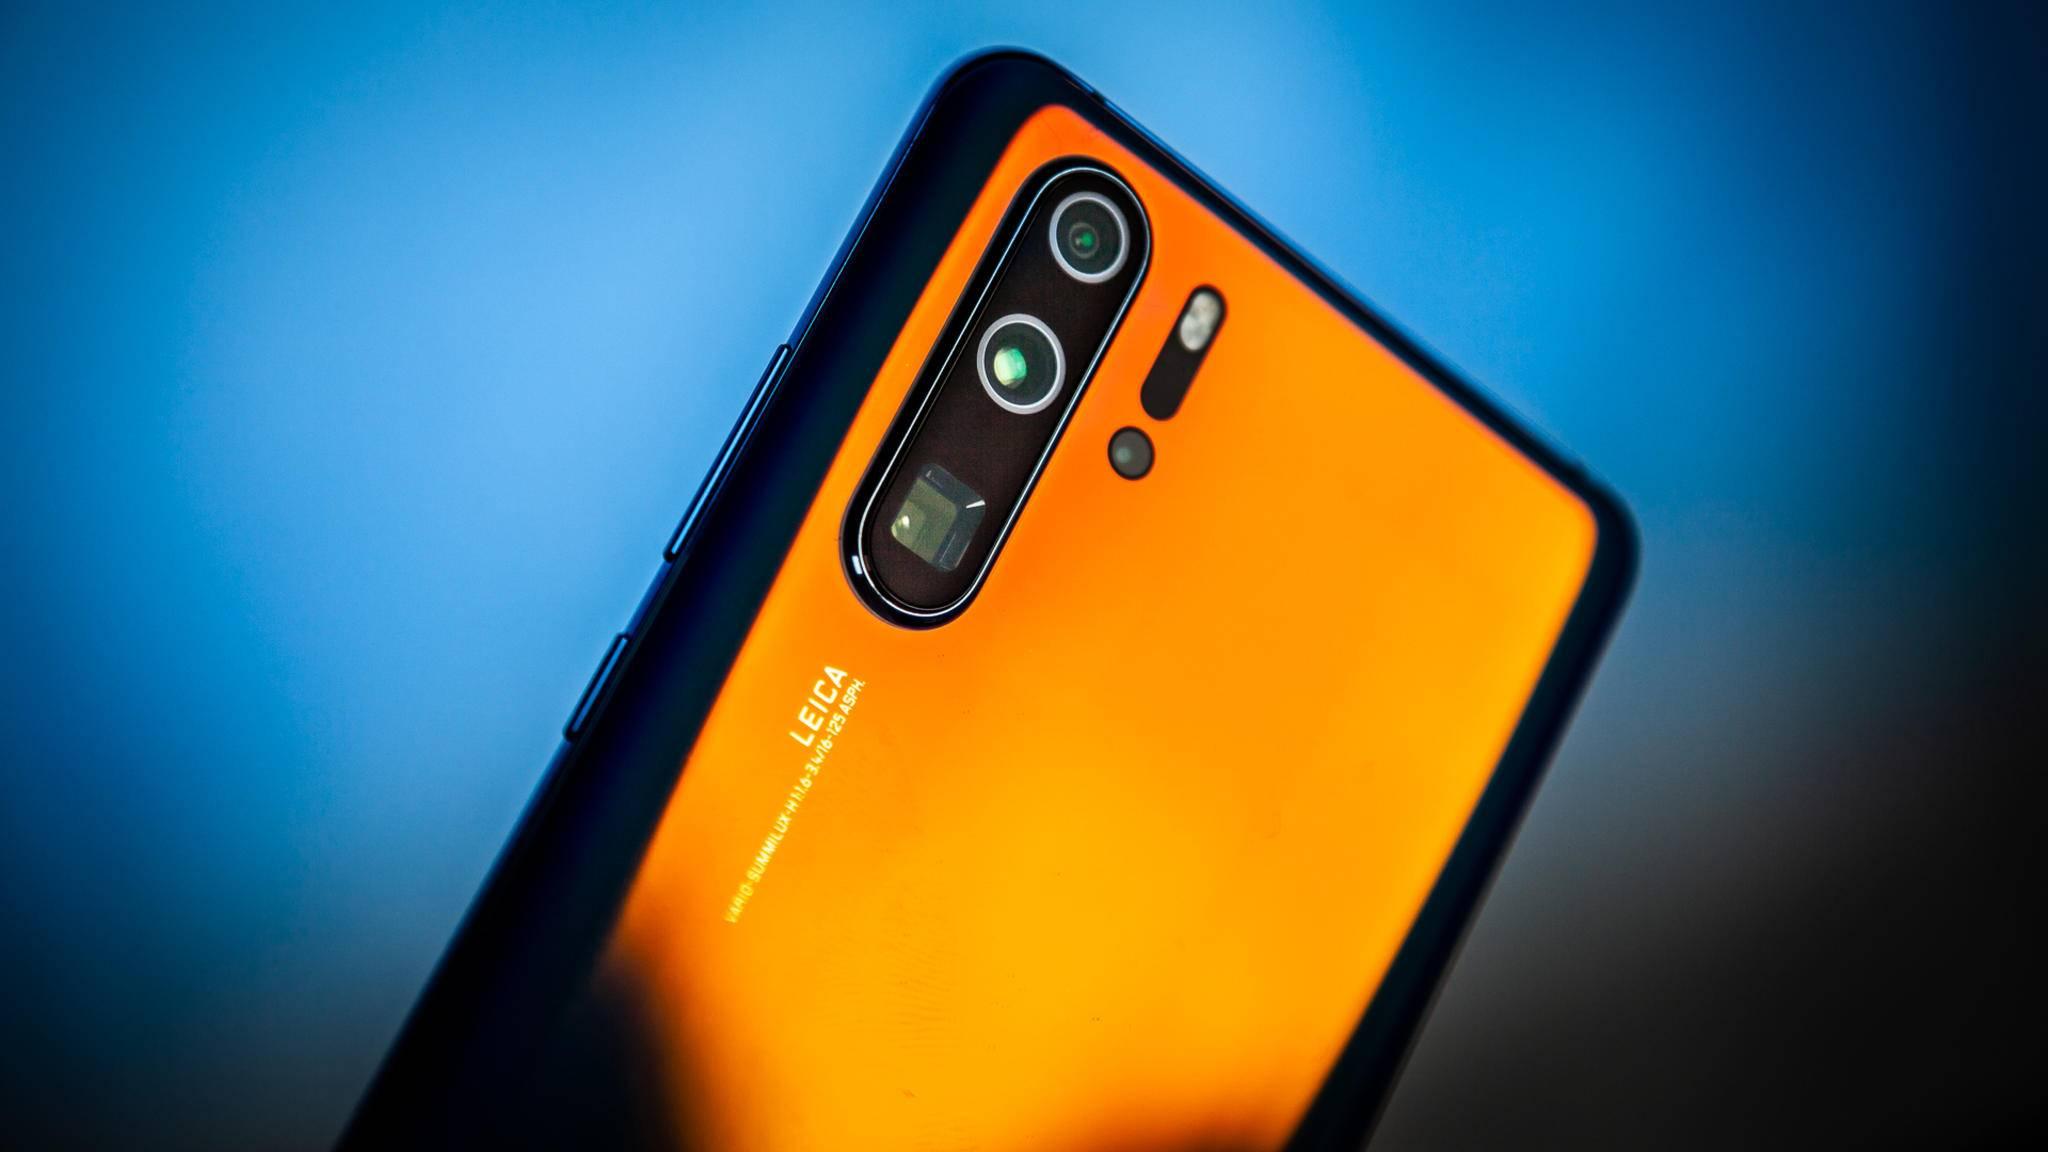 Das Huawei P30 Pro könnte nochmal eine Neuauflage bekommen.